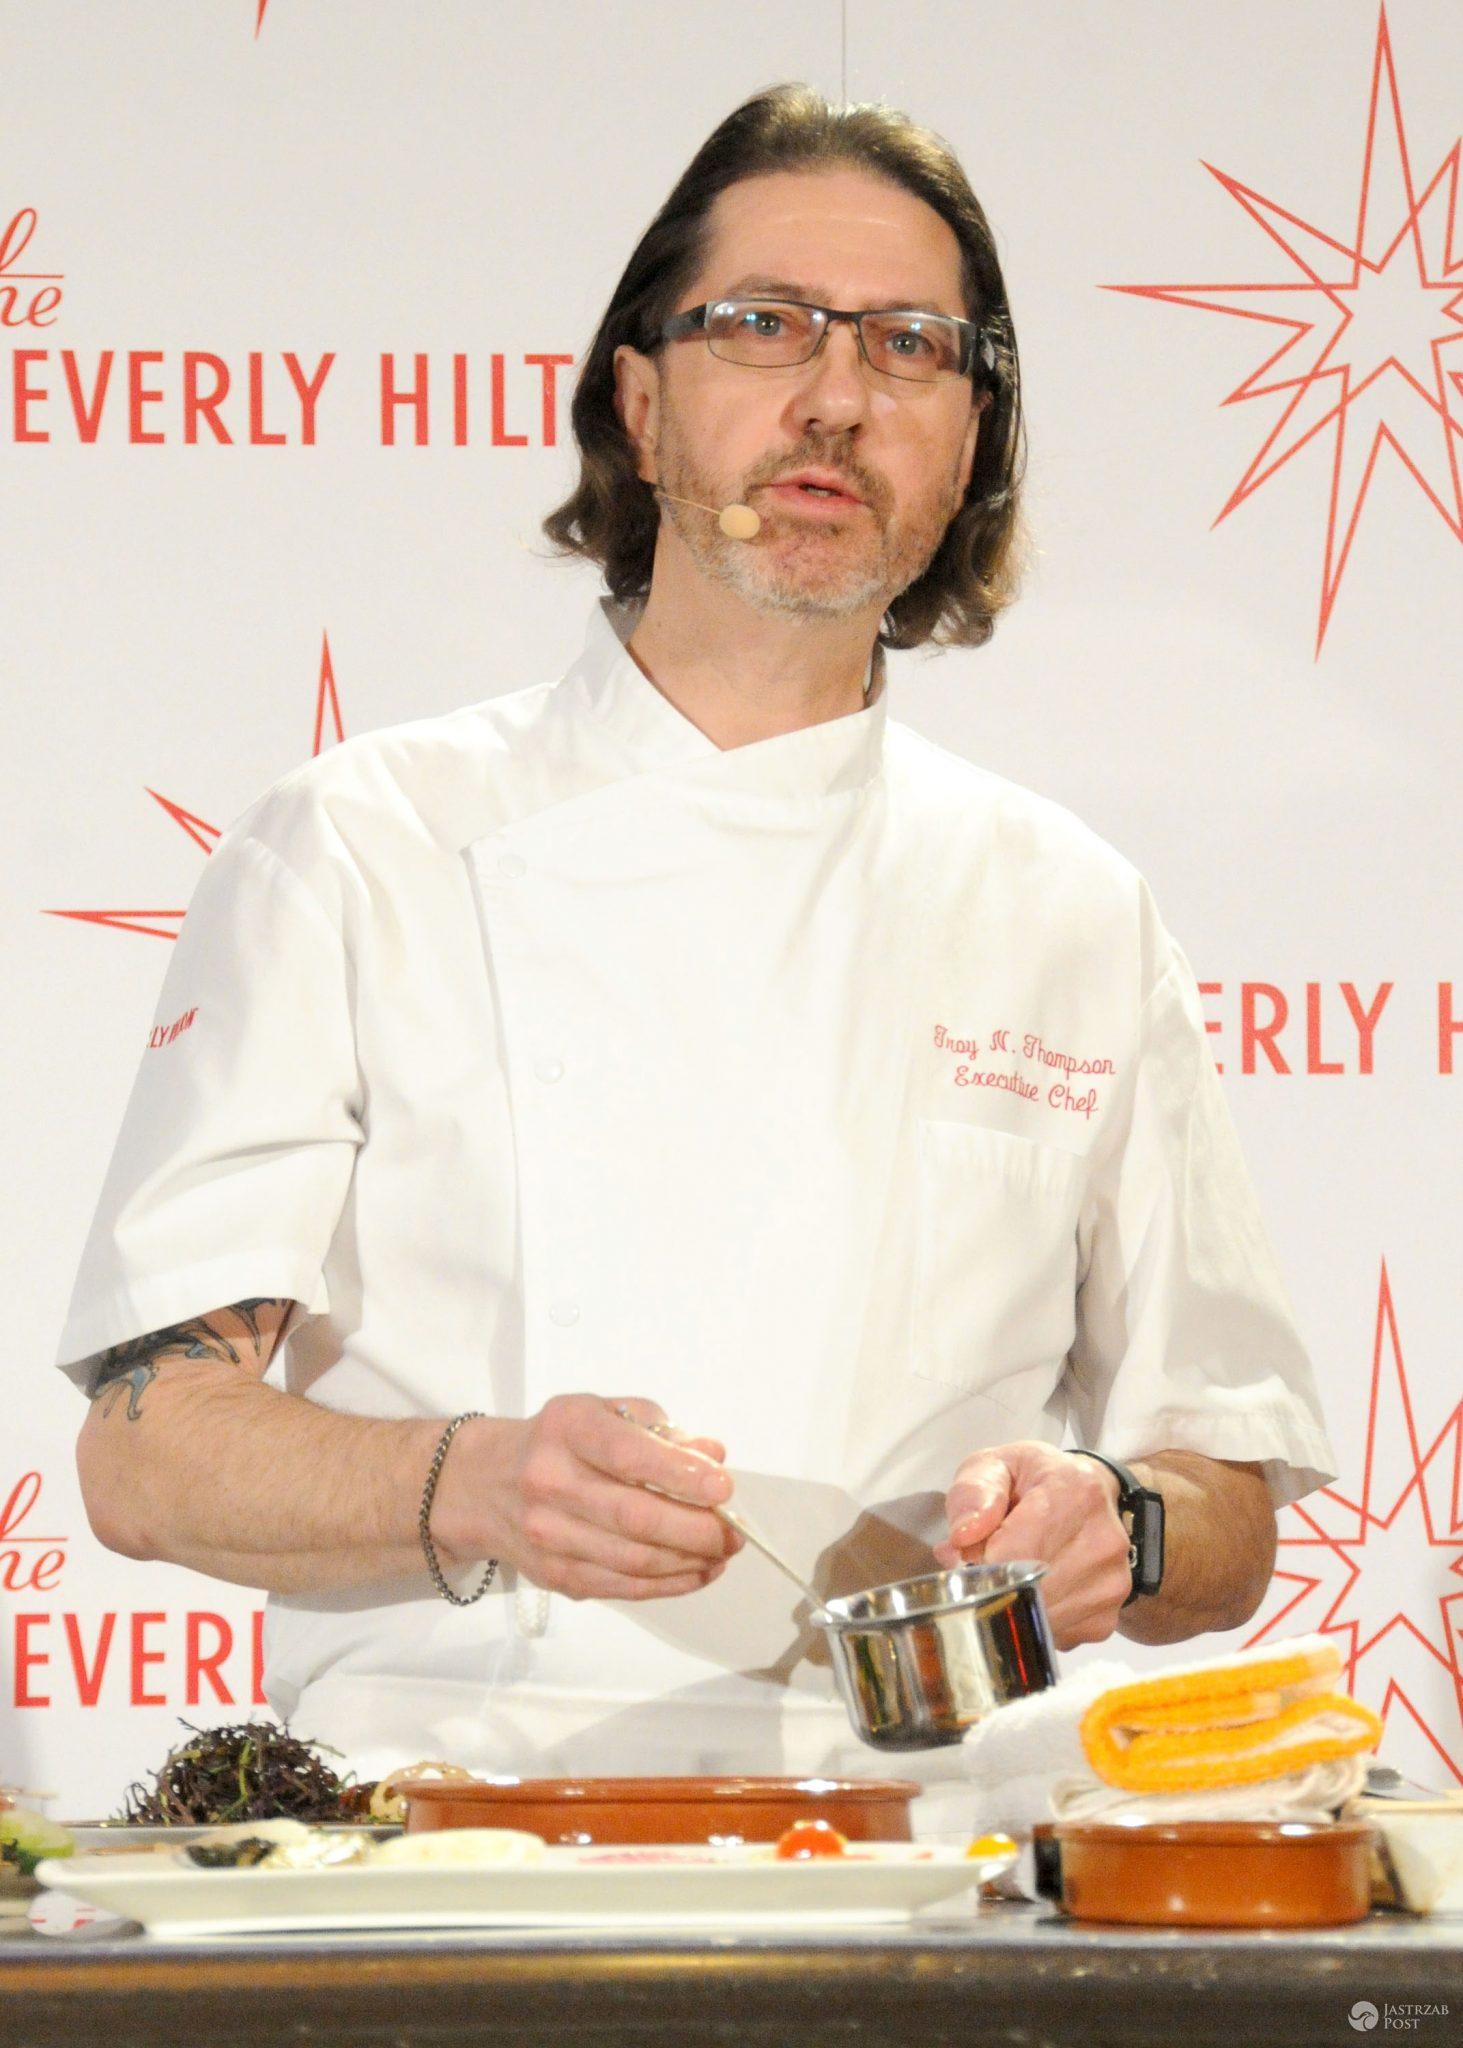 Troy N. Thompson., szef kuchni Beverly Hilton Hotel, prezentuje menu 73. edycji Złotych Globów (fot. ONS)